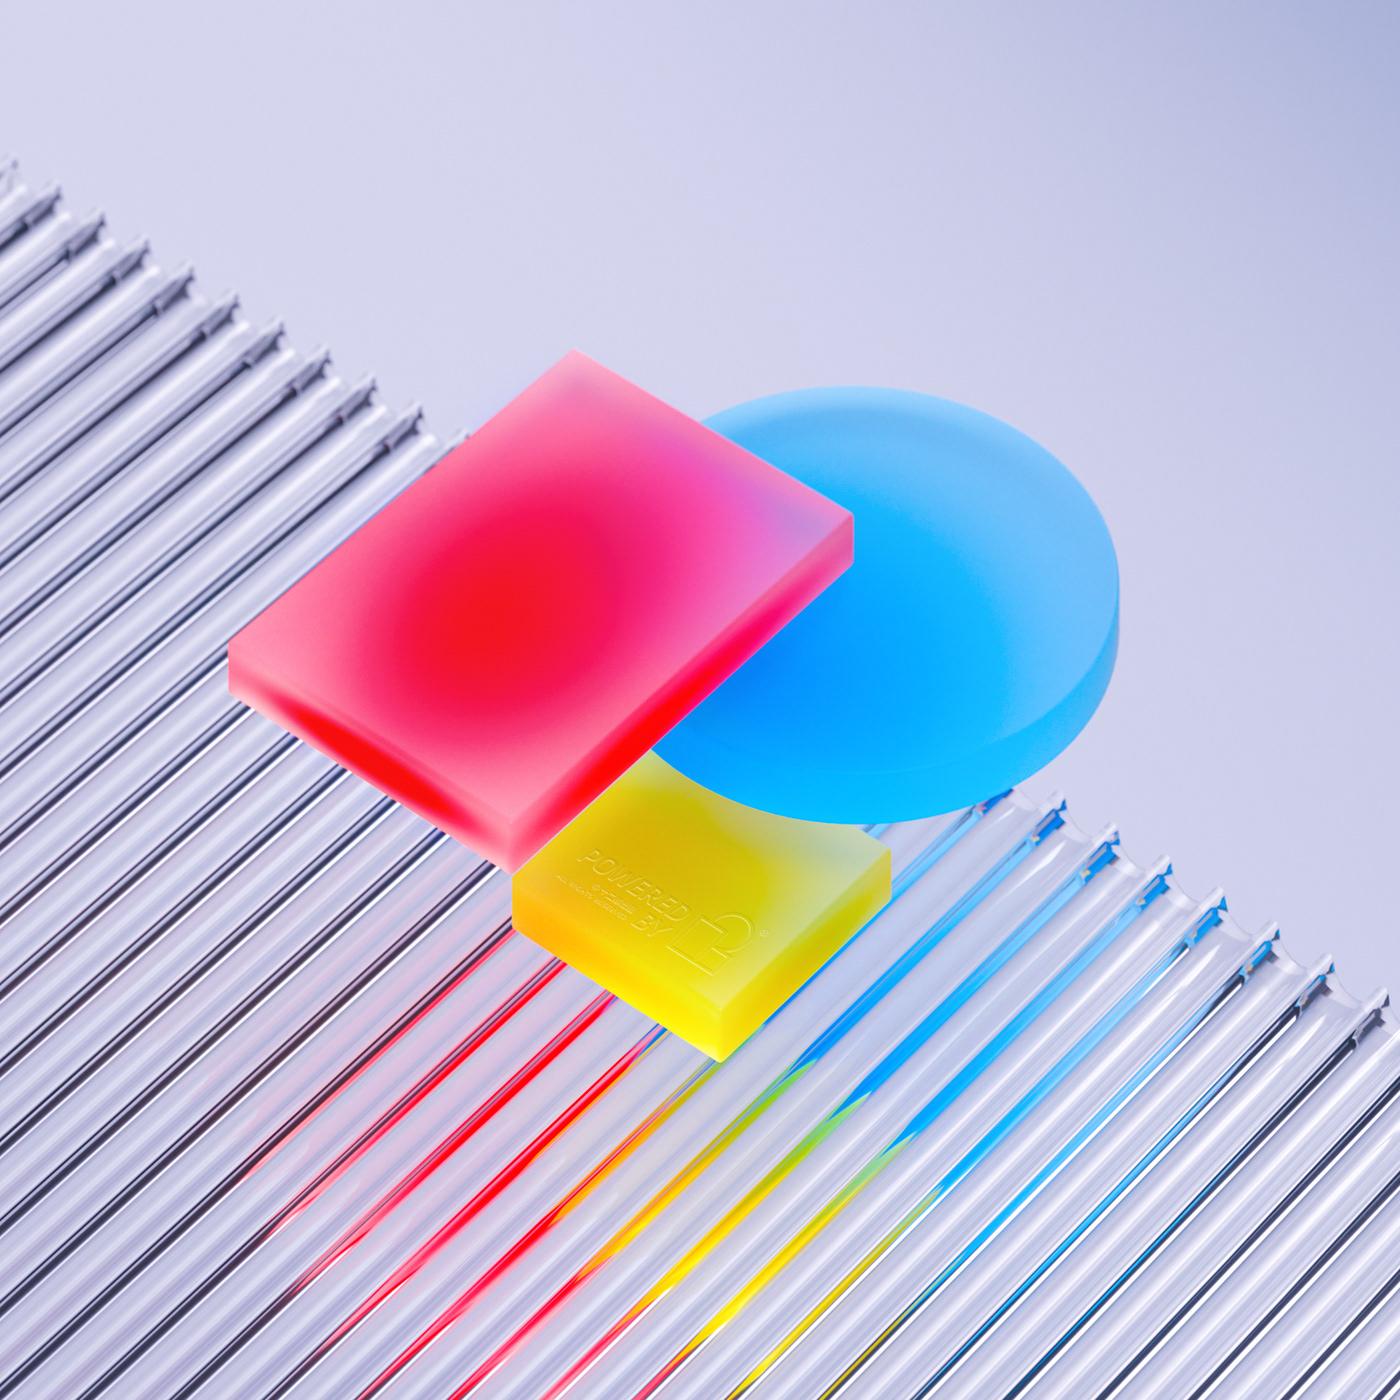 bauhaus color glass gradient refraction